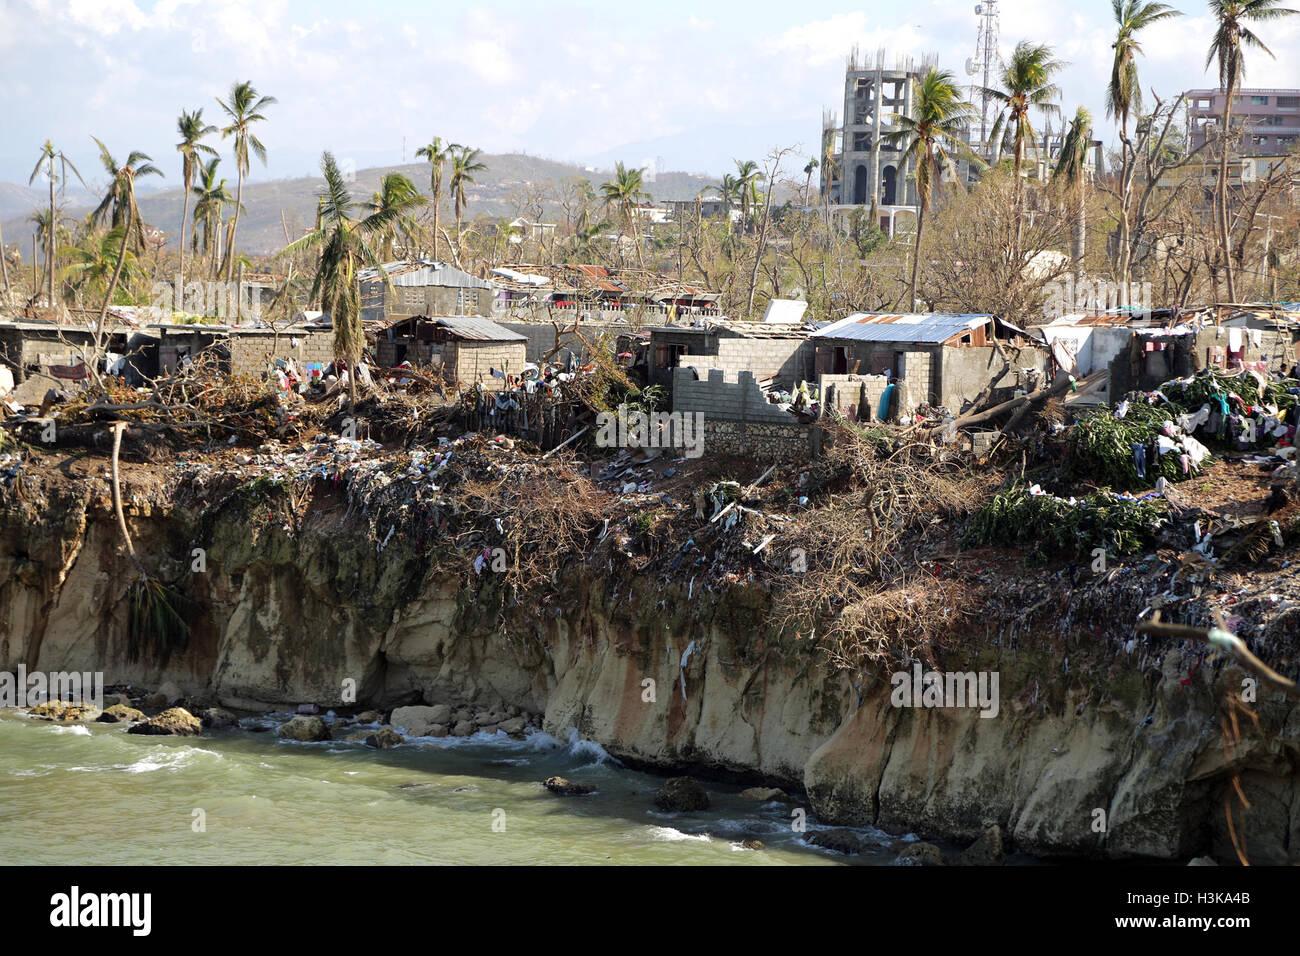 Grand Anse, Grand-Anse dipartimento. 8 Ott, 2016. Immagine fornita dal Fondo delle Nazioni Unite per l'Infanzia Immagini Stock